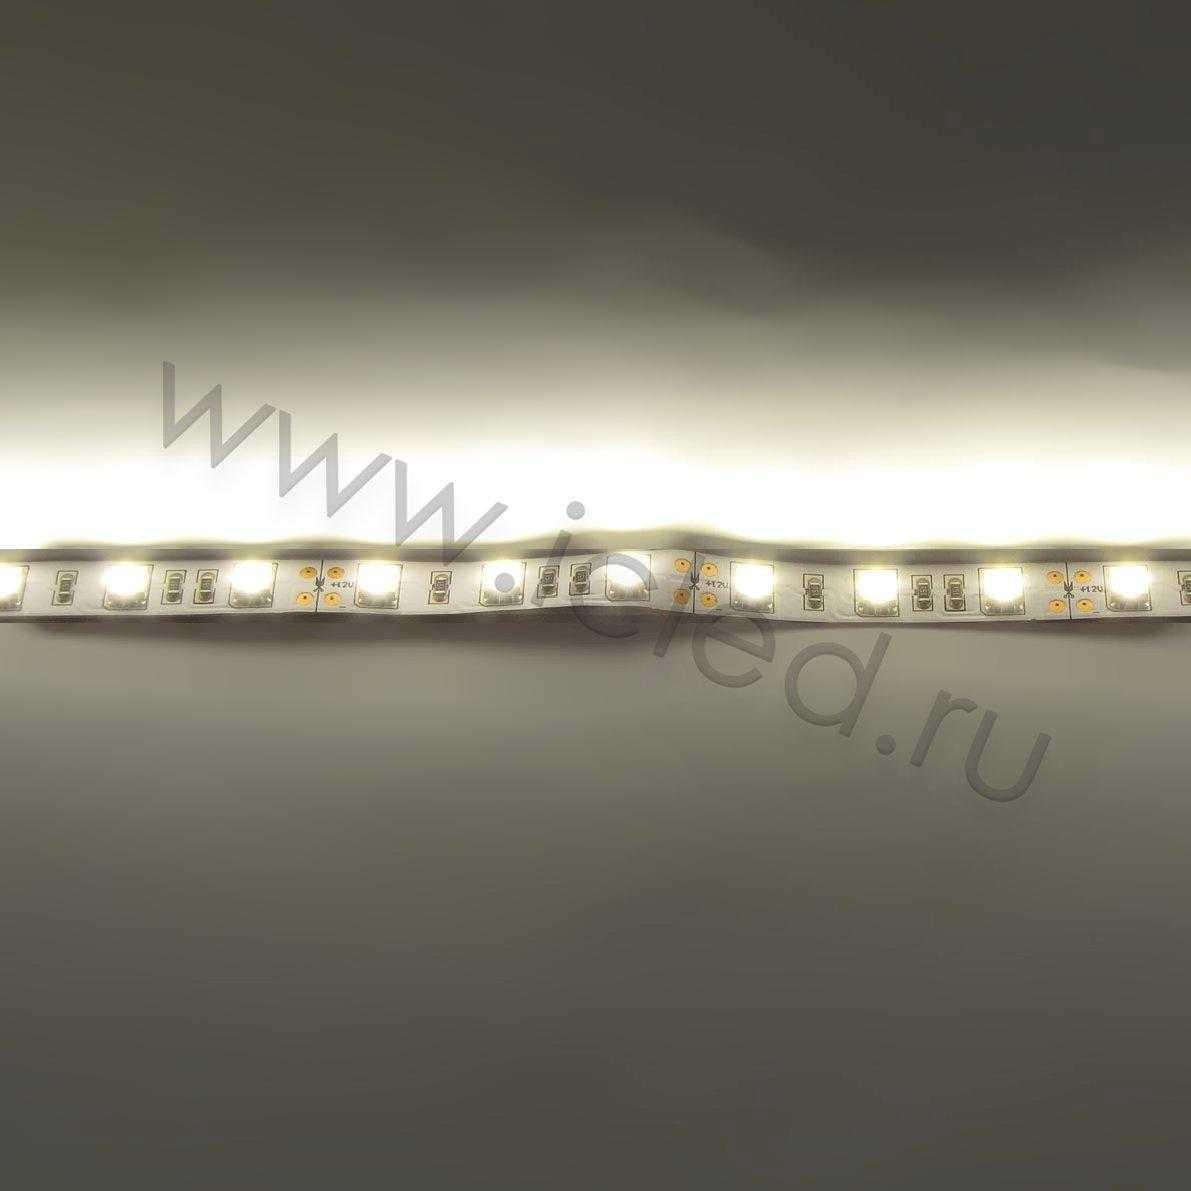 Светодиодная лента Class B, 5050, 60led/m, Warm White, 12V, IP33